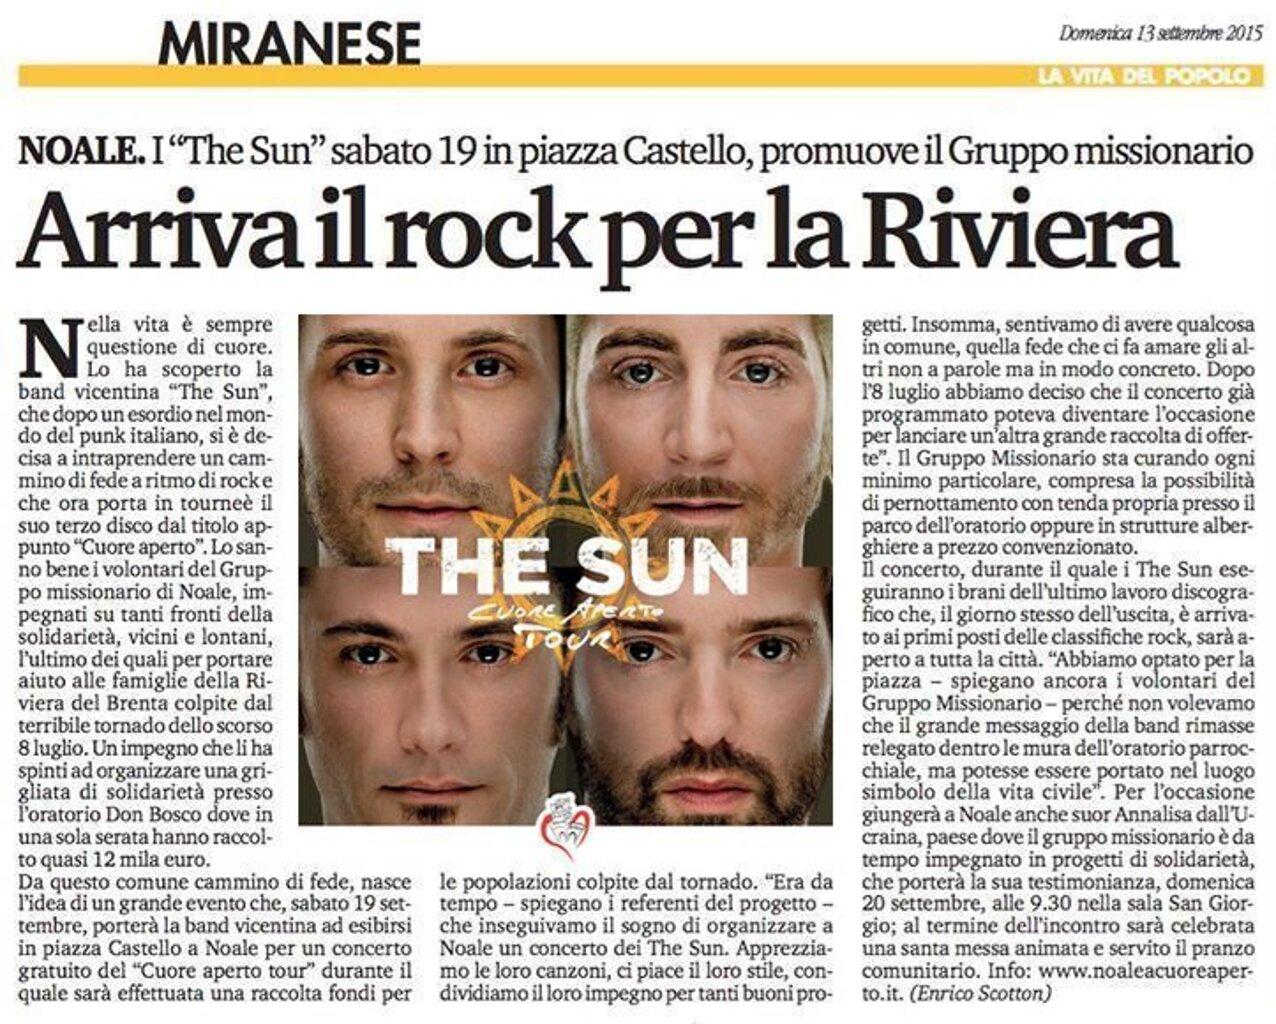 The Sun - Articolo Noale